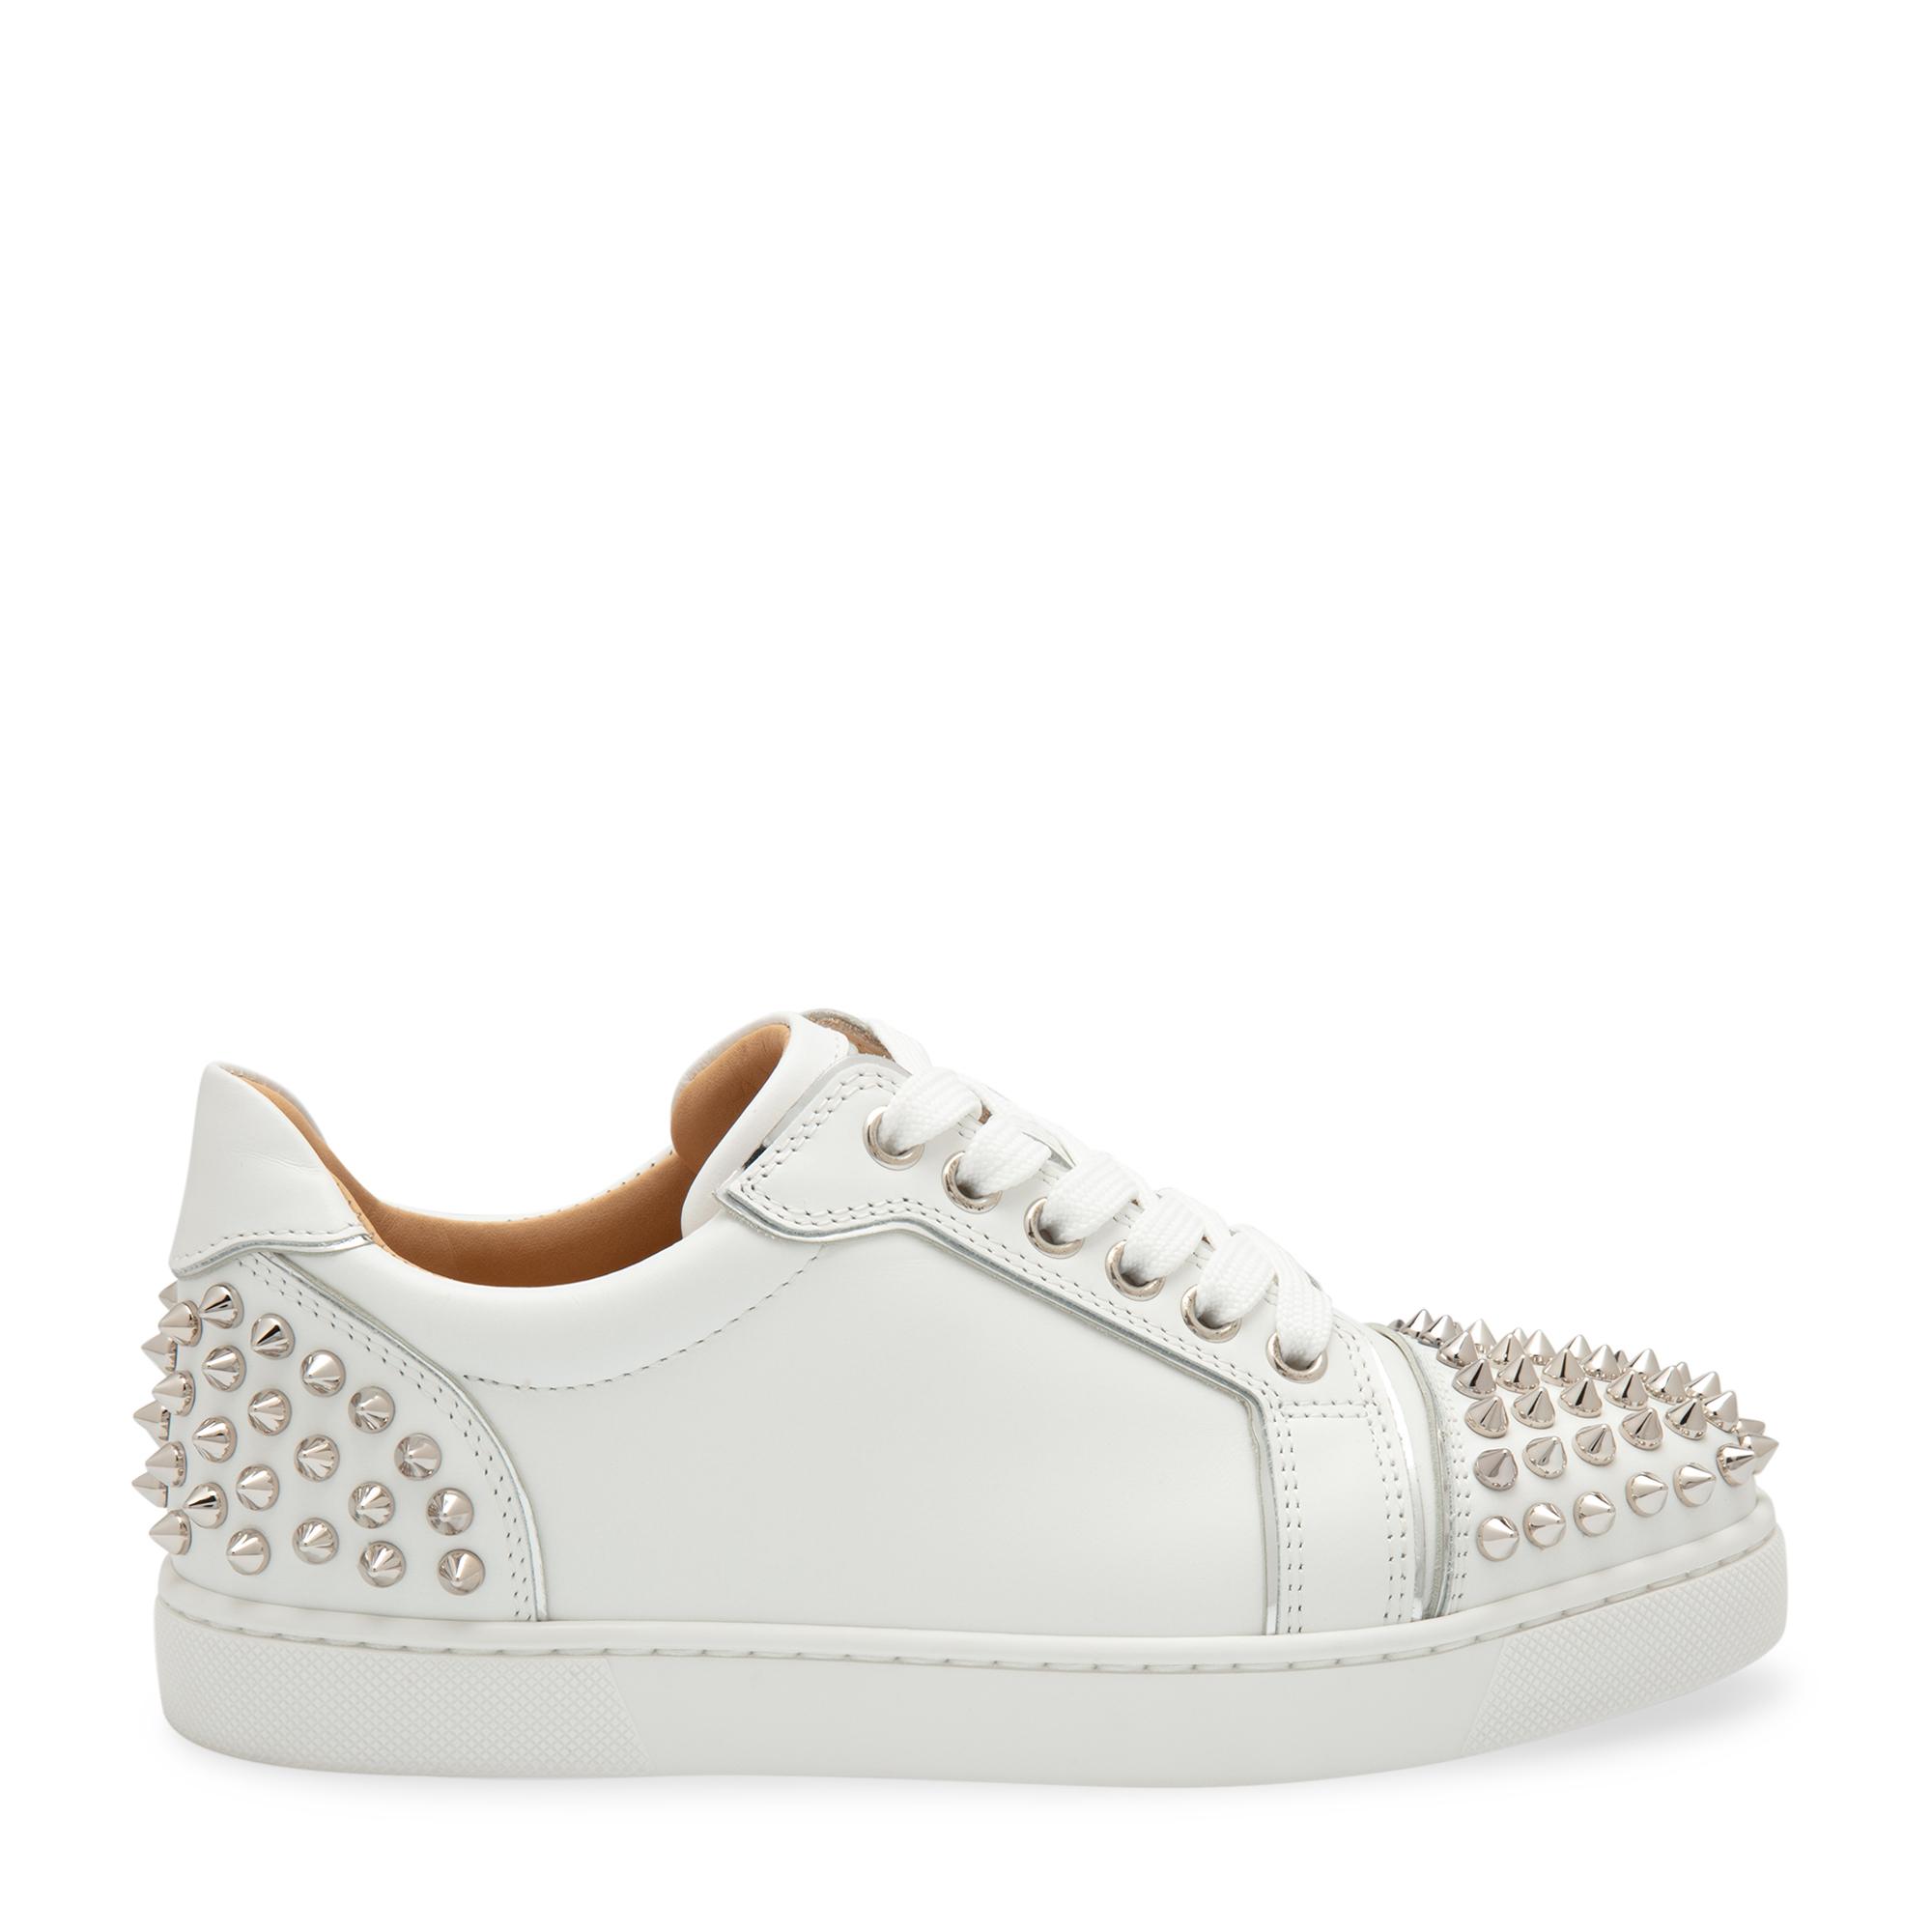 Vieira 2 sneakers